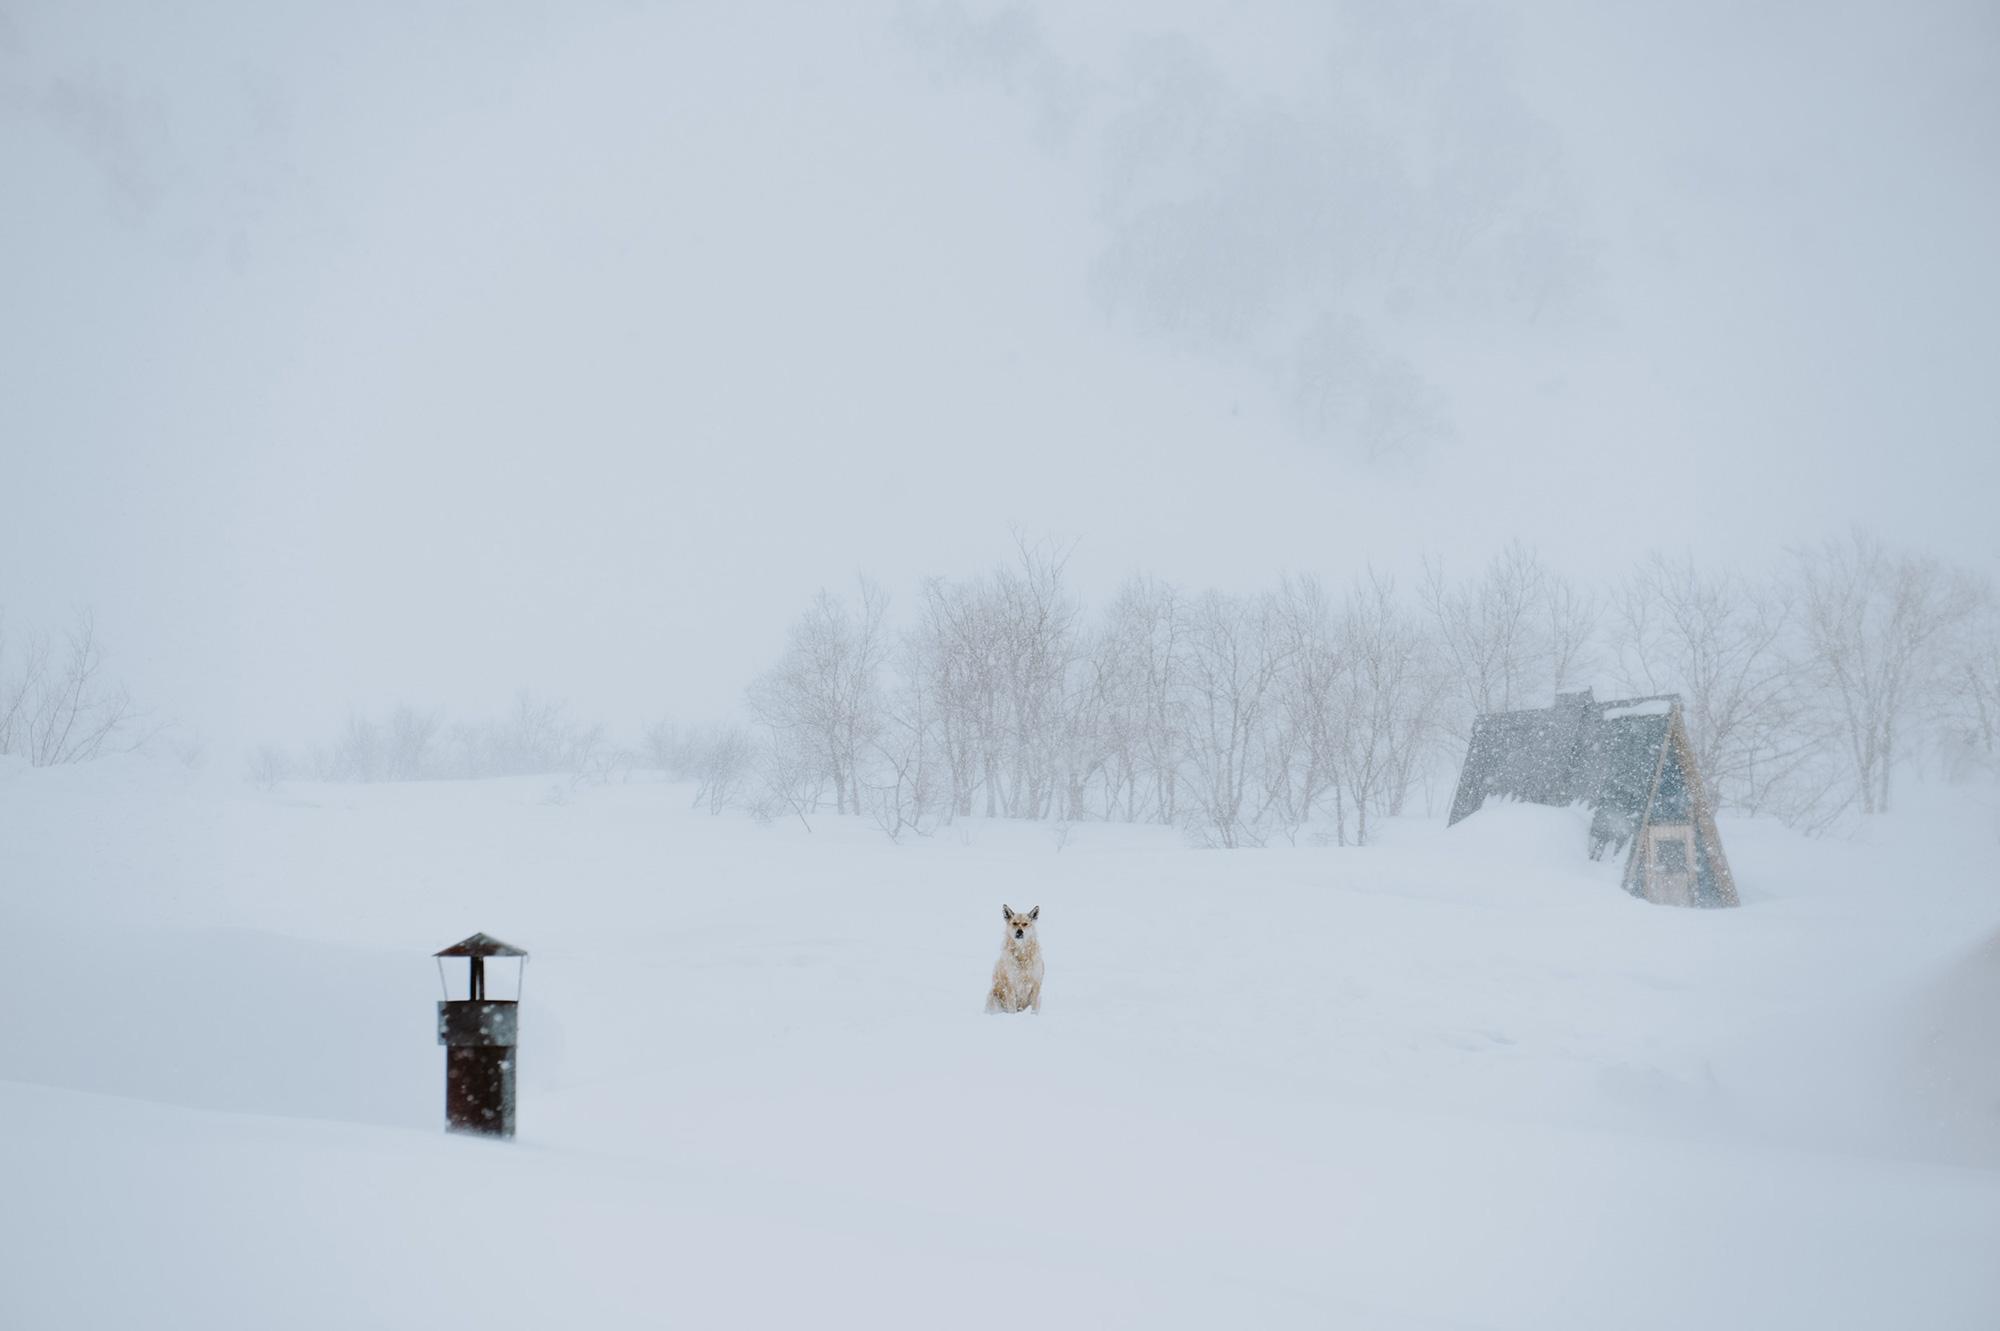 AKP_Kamchatka_Ski_LOW-5840